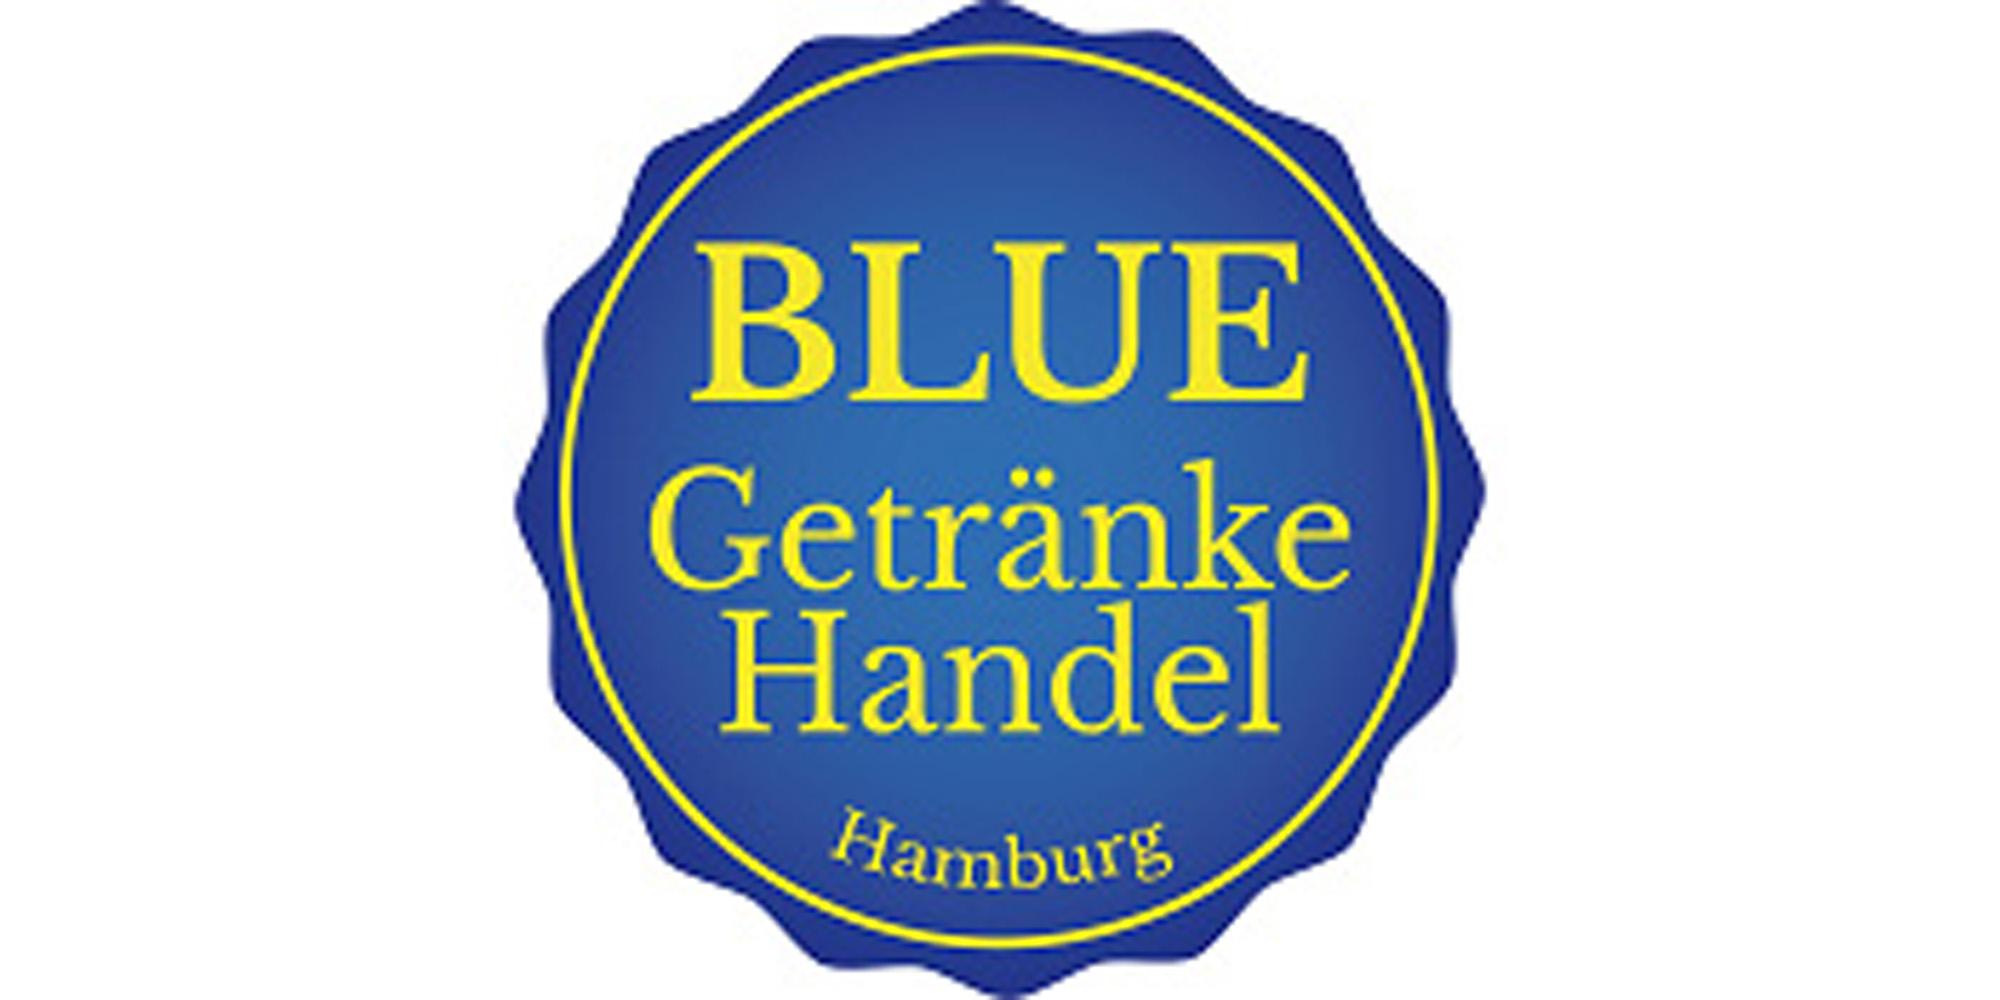 Spenden Sie Ihr Leergut-Pfandgeld für Hamburgs Kinder in Not!